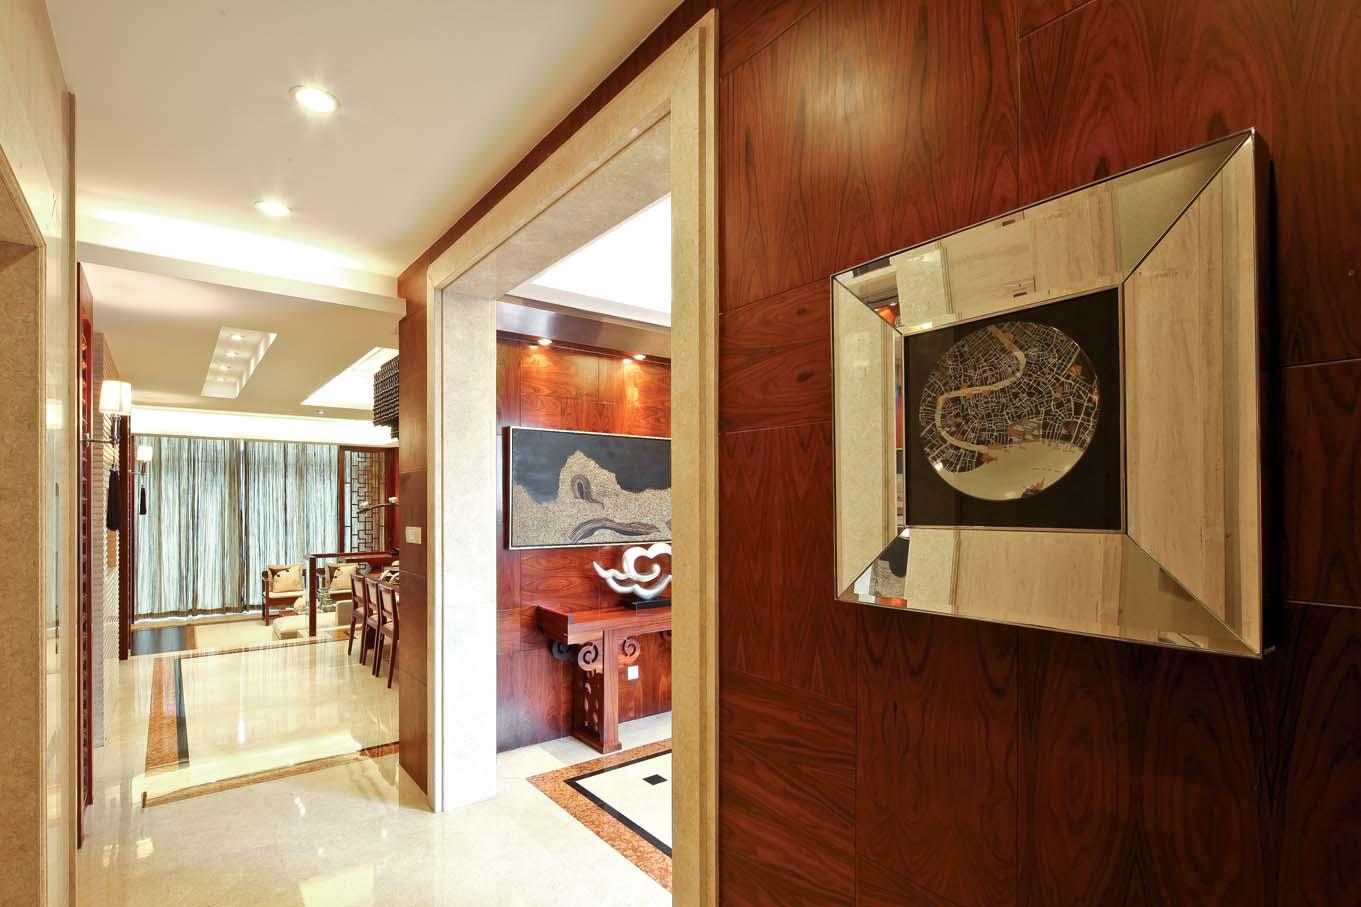 新中式 中式风格 室内设计 装修风格 装修设计 玄关图片来自别墅装修设计yan在新中式风格首创国际半岛的分享